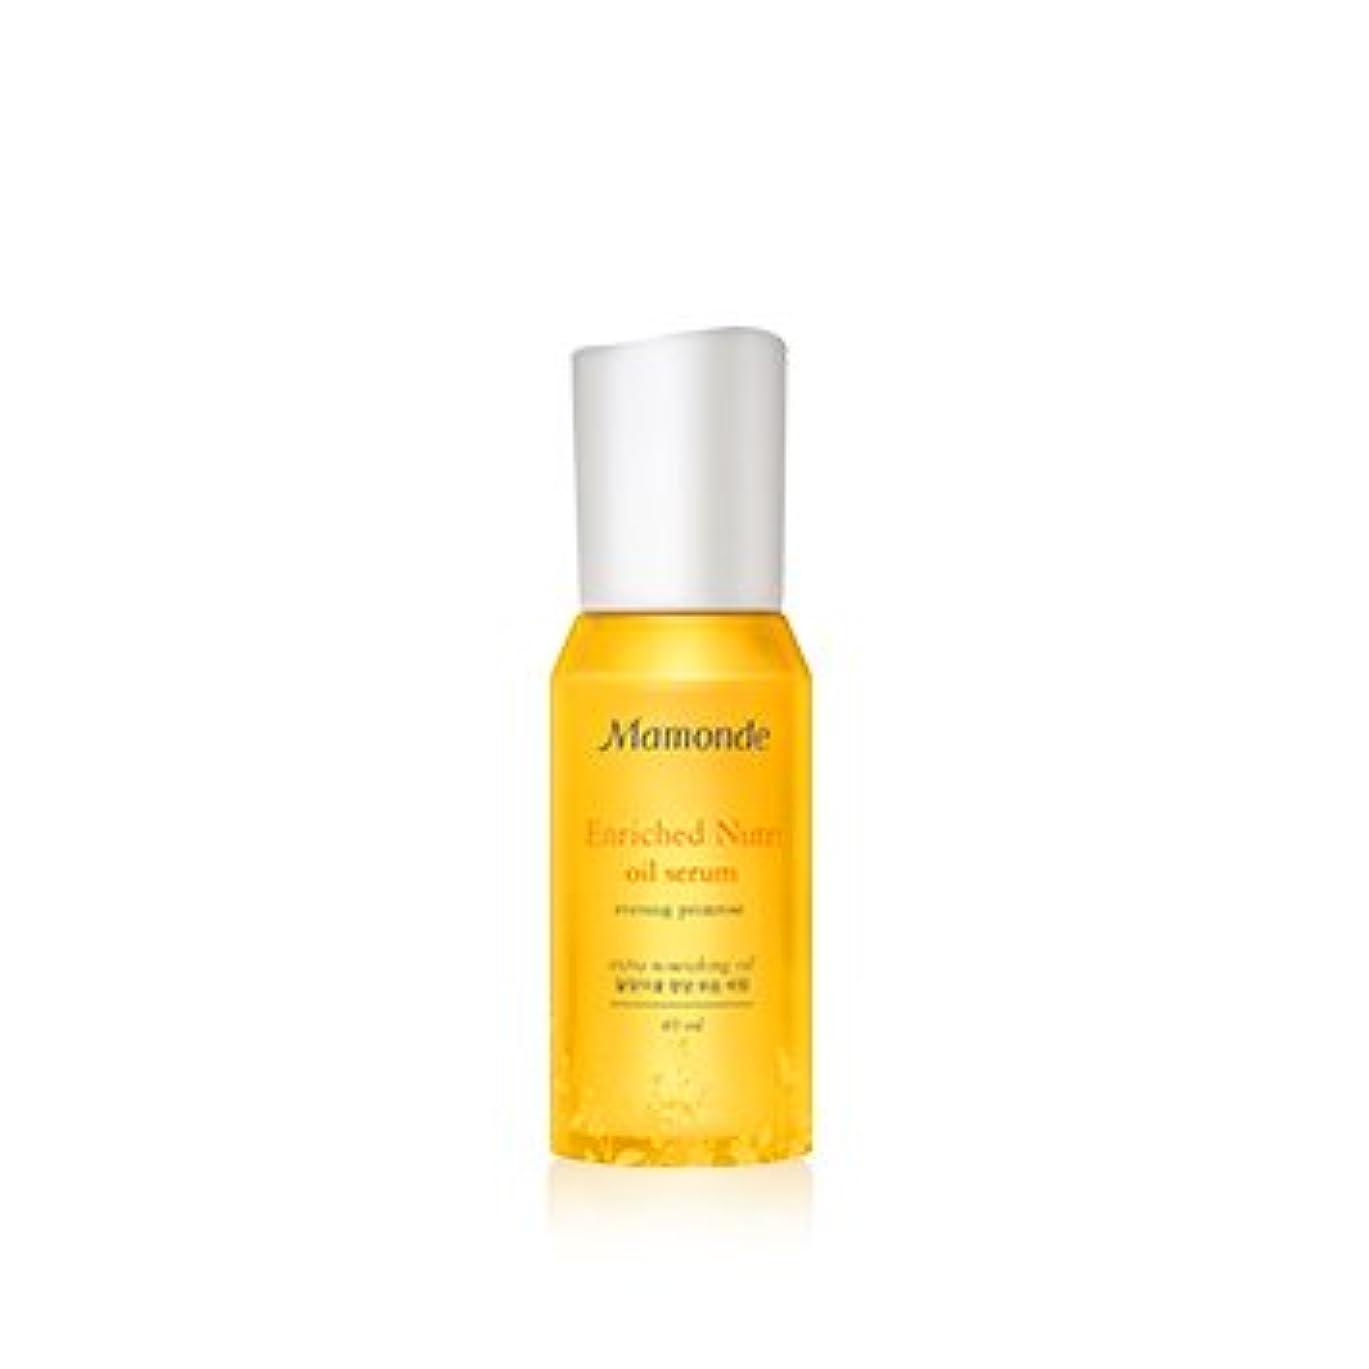 こだわりターゲット足音[New] Mamonde Enriched Nutri Oil Serum 40ml/マモンド エンリッチド ニュートリ オイル セラム 40ml